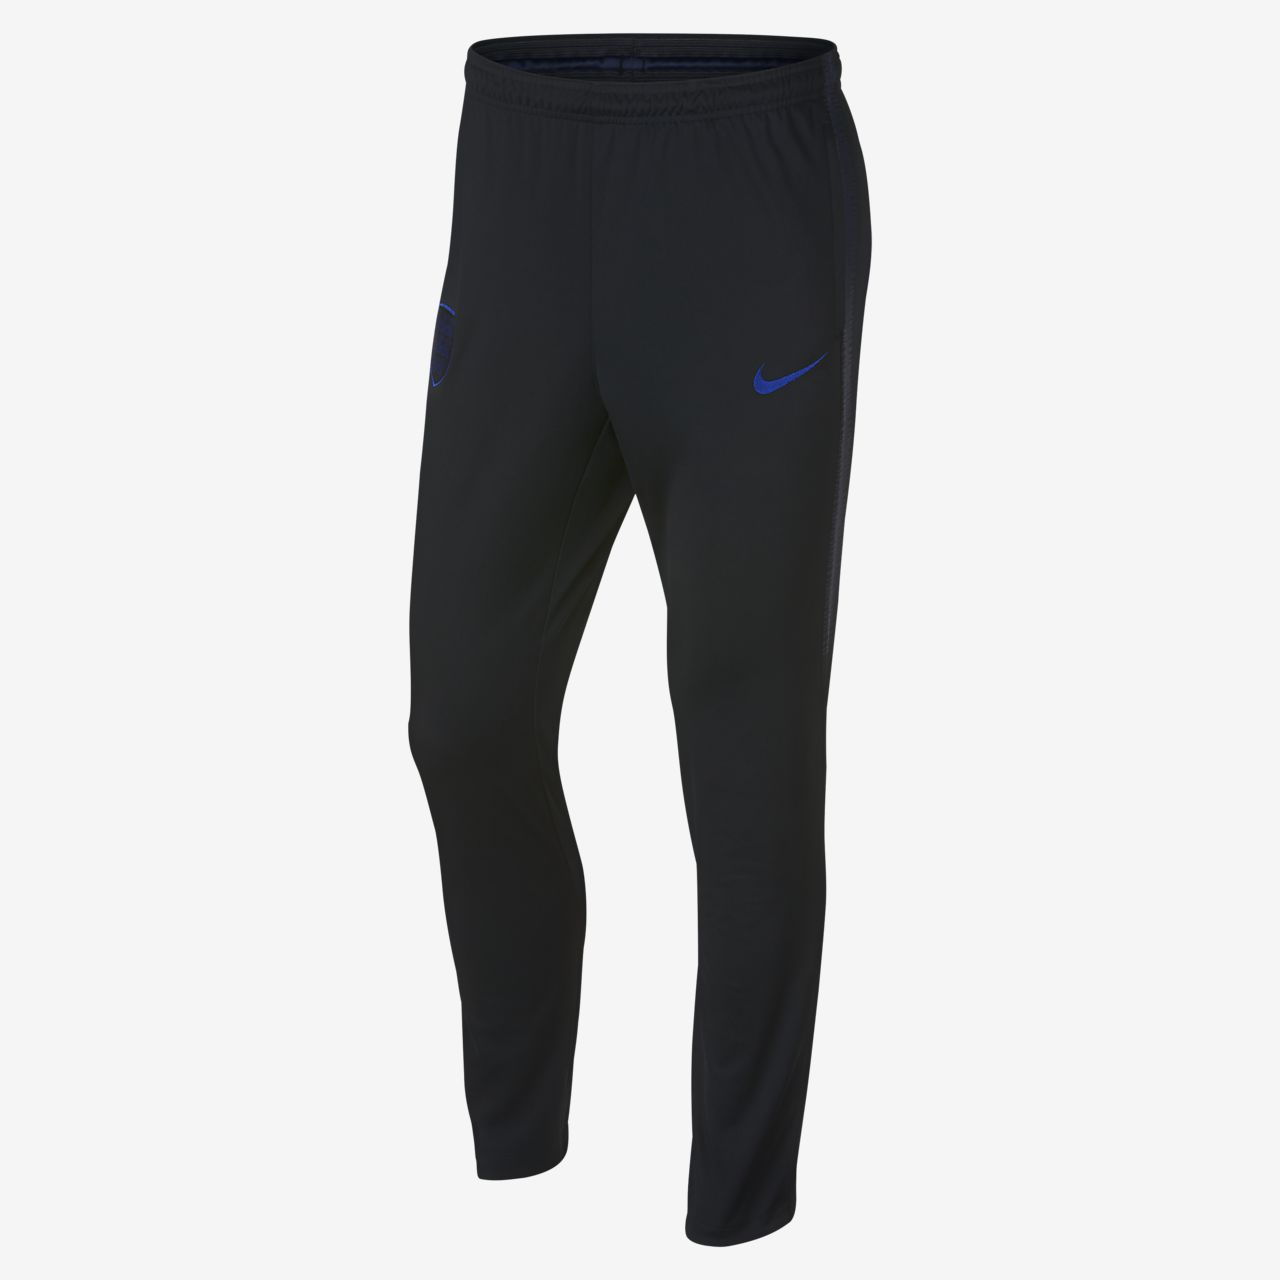 Pantaloncini da calcio England Dri-FIT Squad - Uomo